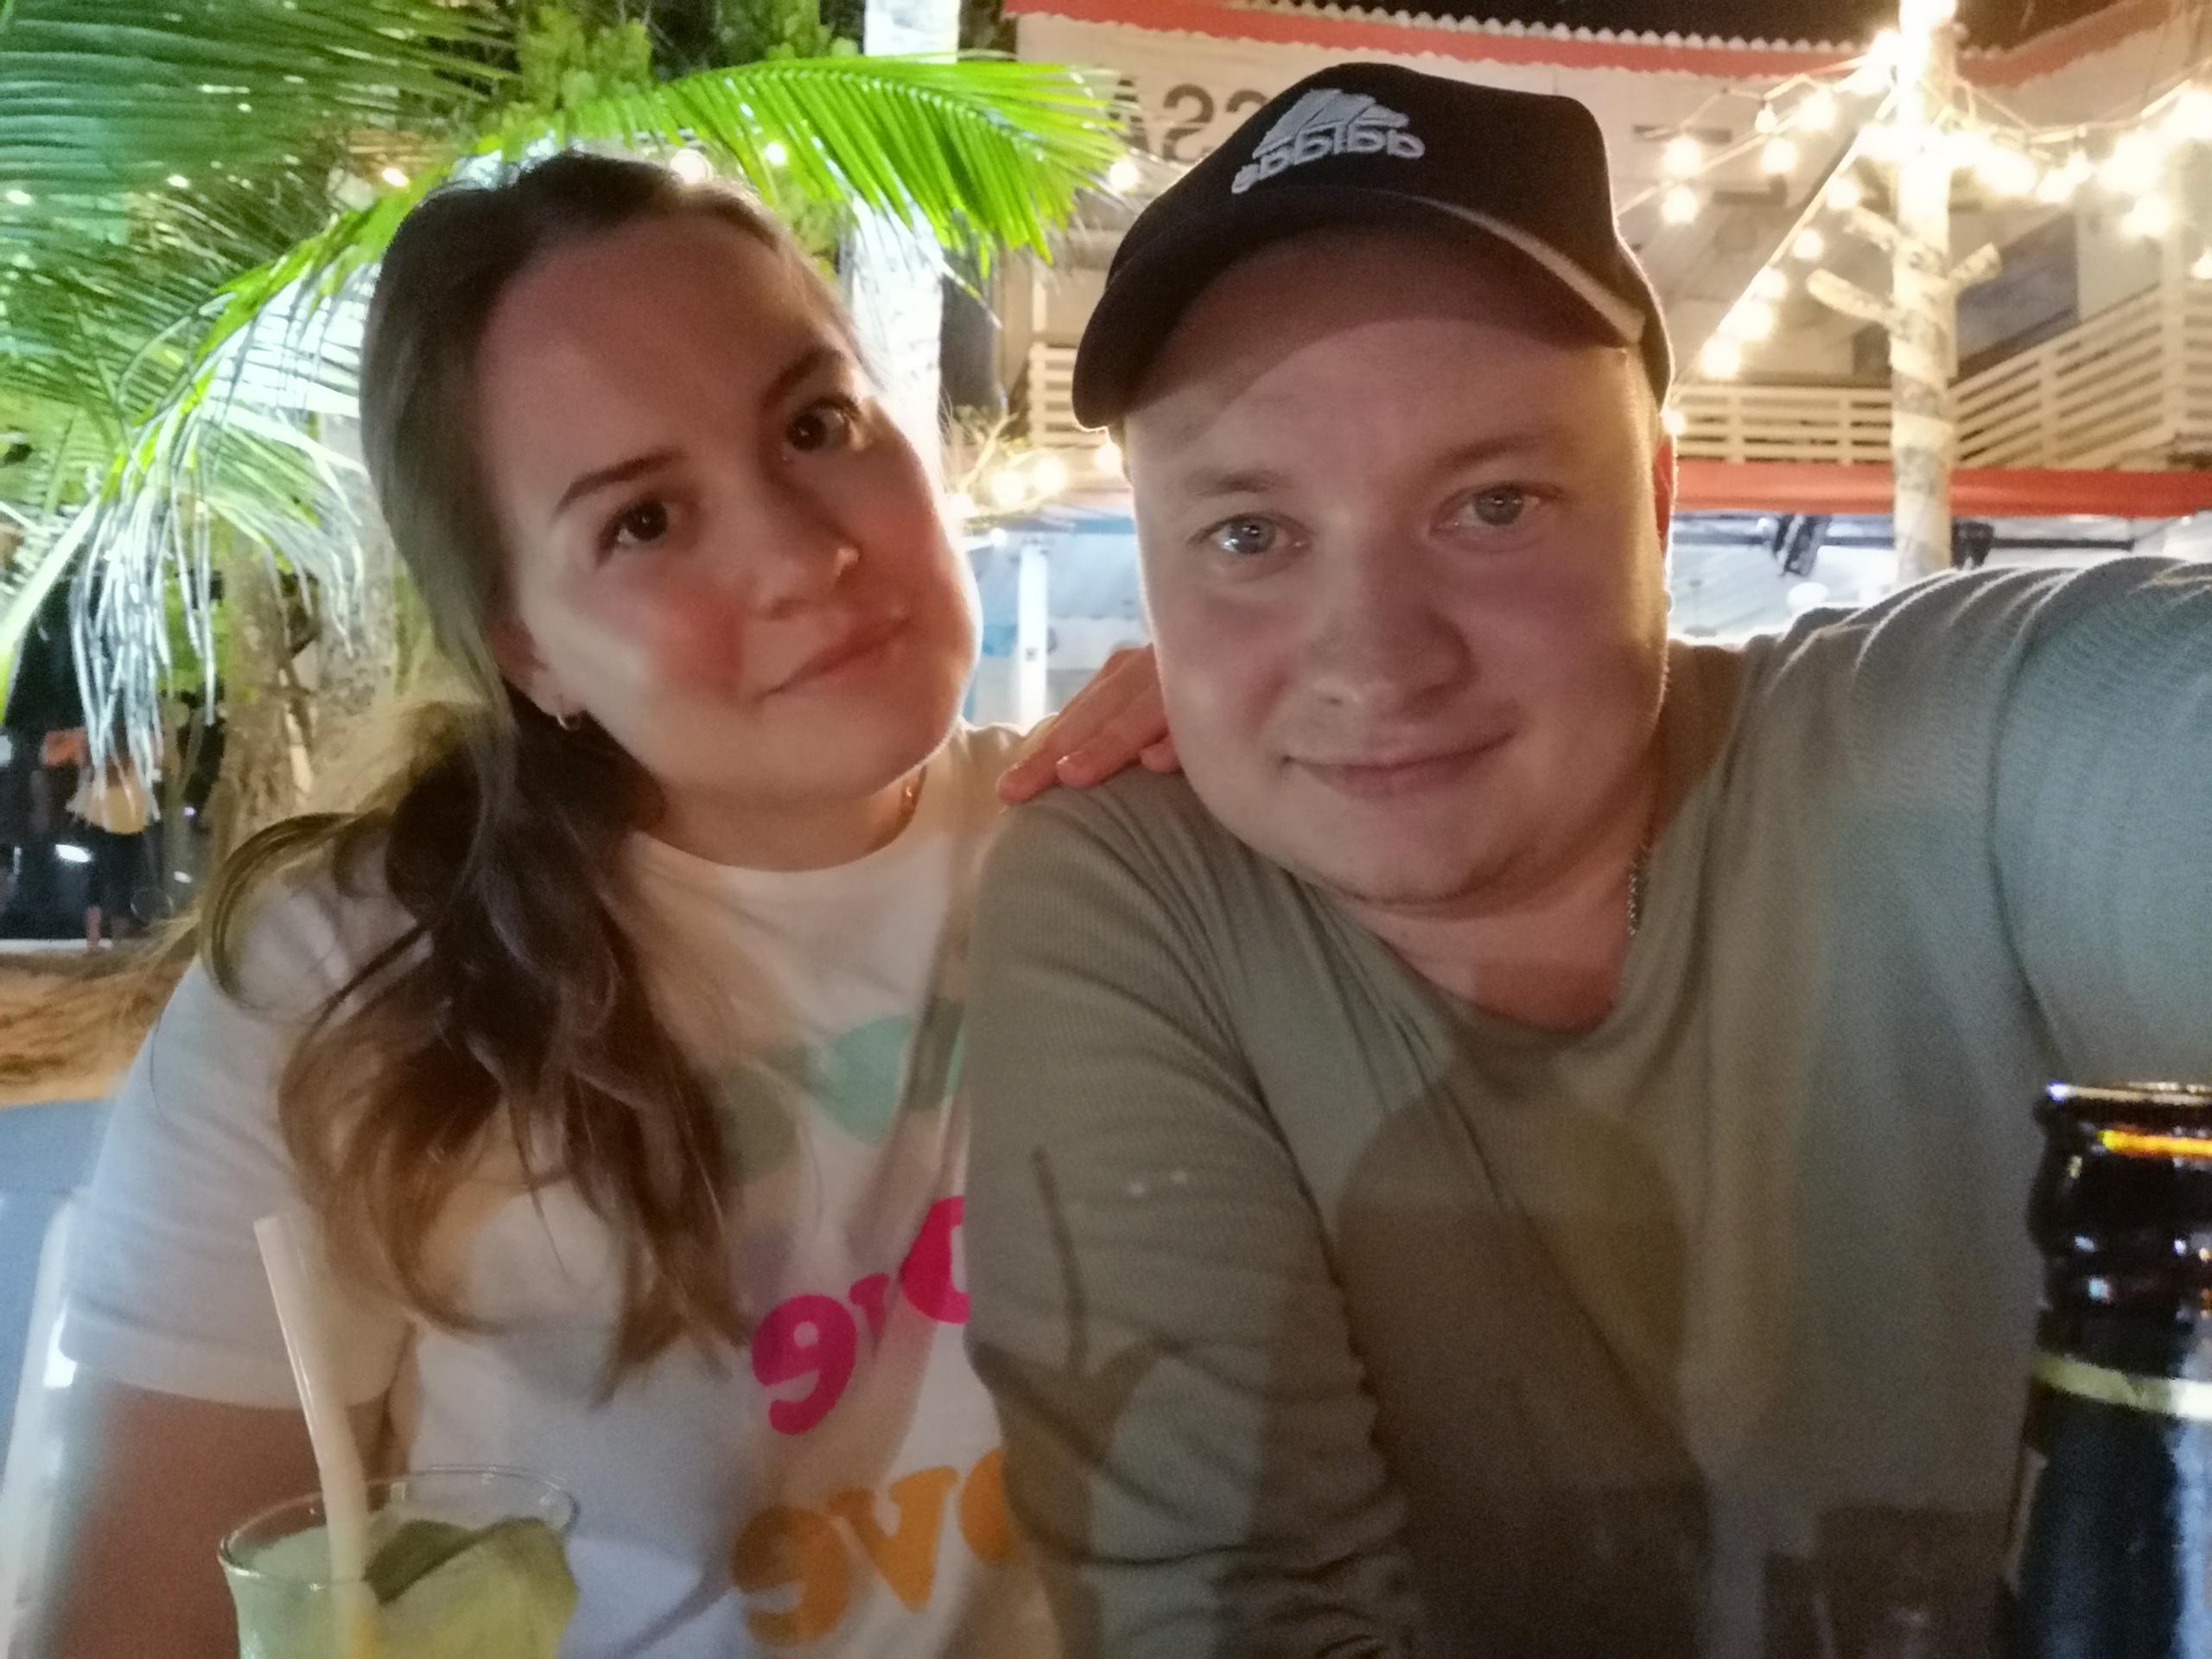 Довольные и счастливые, потому что празднуют 3,5 года жизни в браке. Поздравляем!